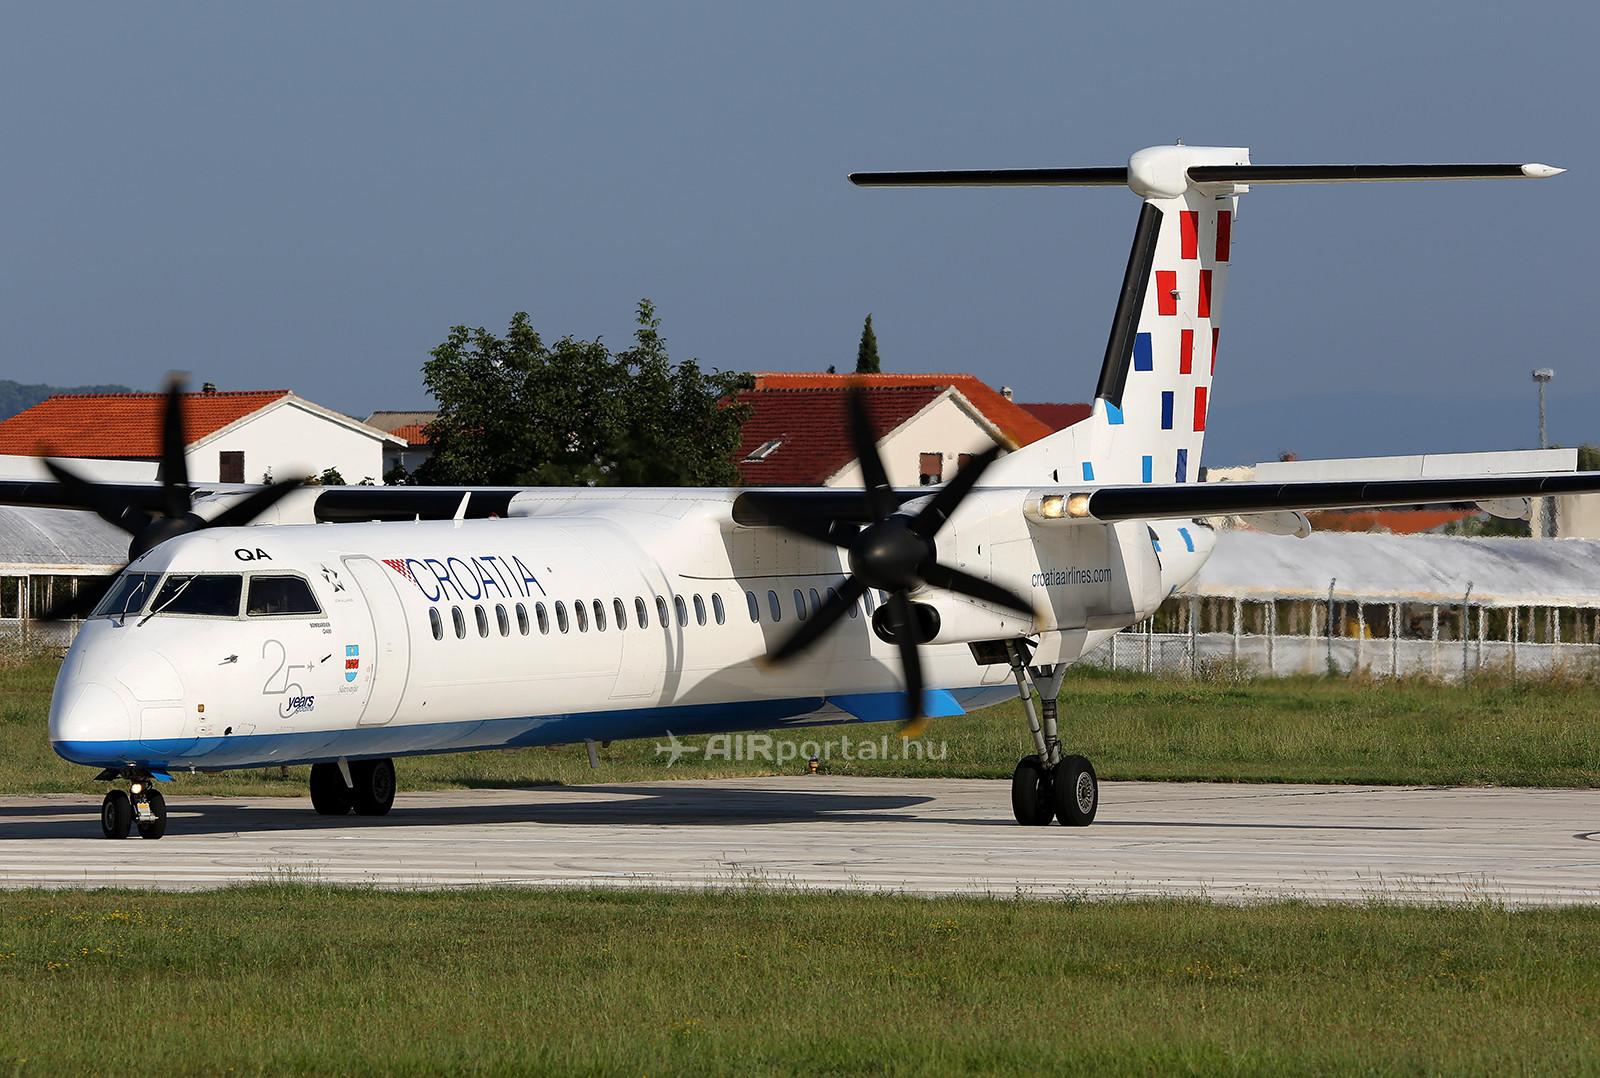 A légitársaság Q400-as gépe a 25 éves évfordulós matricával. (Fotó: AIRportal.hu) | © AIRportal.hu